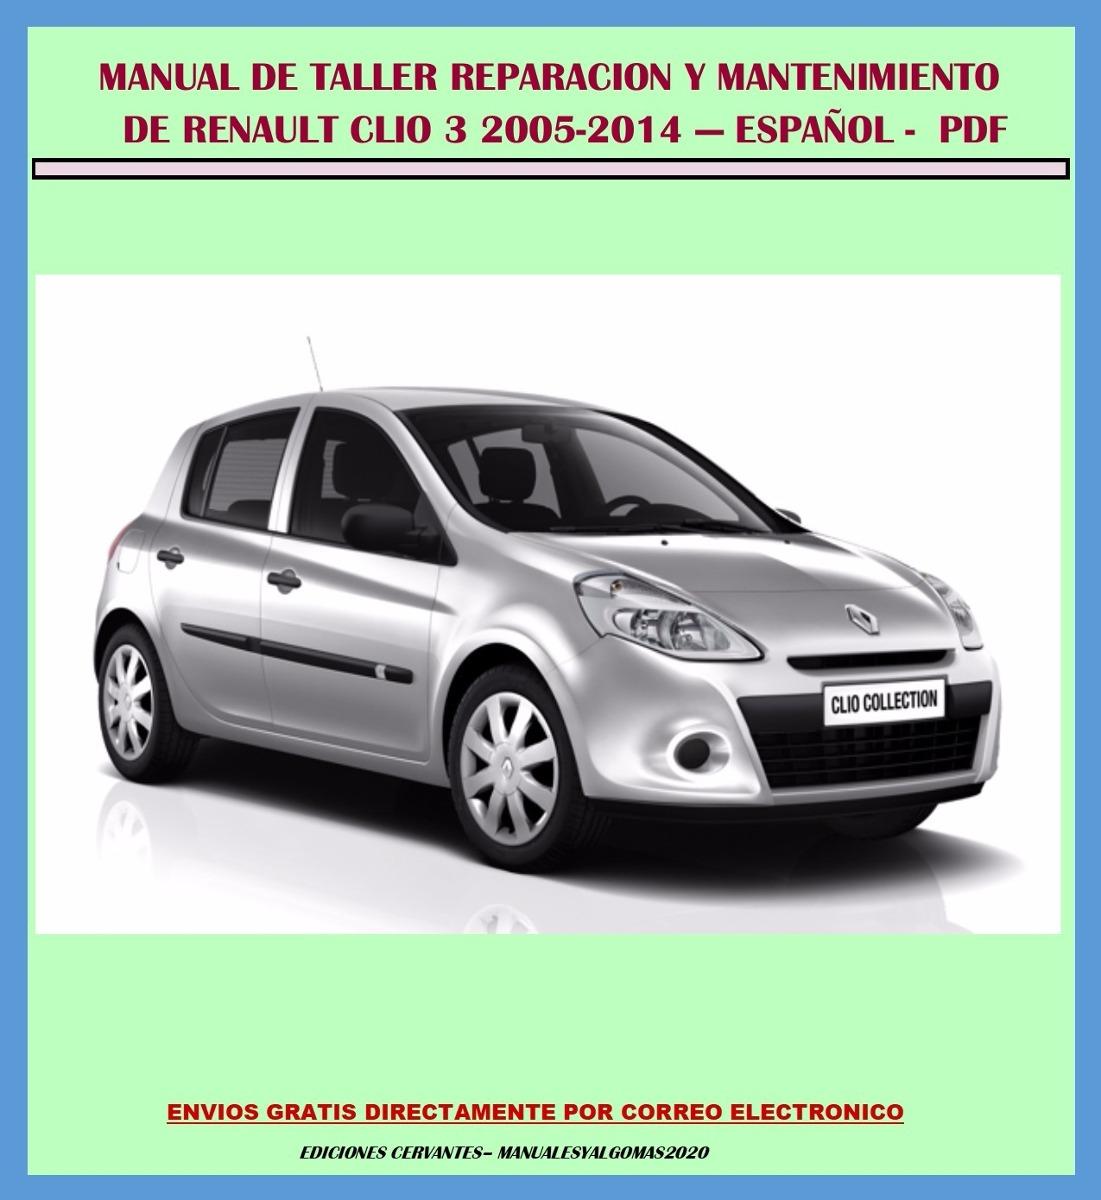 manual de taller servicio y diagramas renault clio 3 espa ol bs rh articulo mercadolibre com ve clio 3 service manual pdf clio 3 service manual pdf